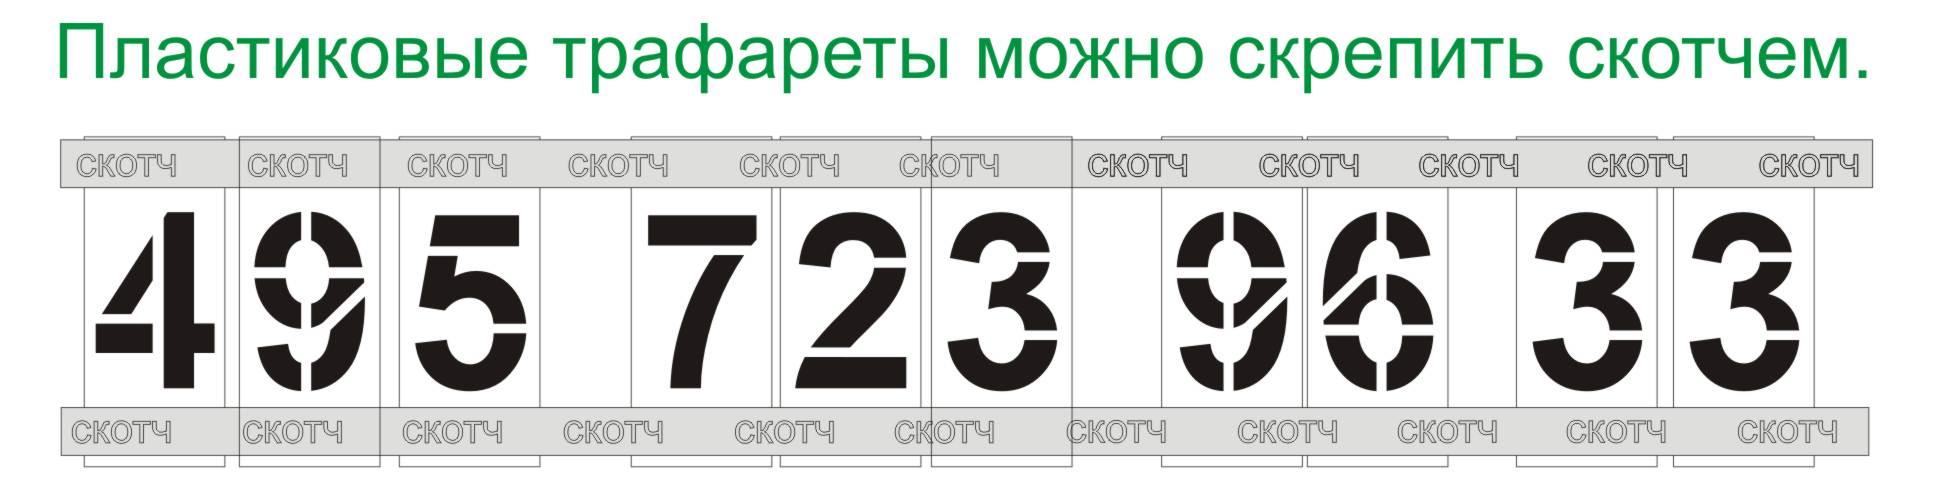 Как сделать трафарет для цифр своими руками - Meduzaka.ru